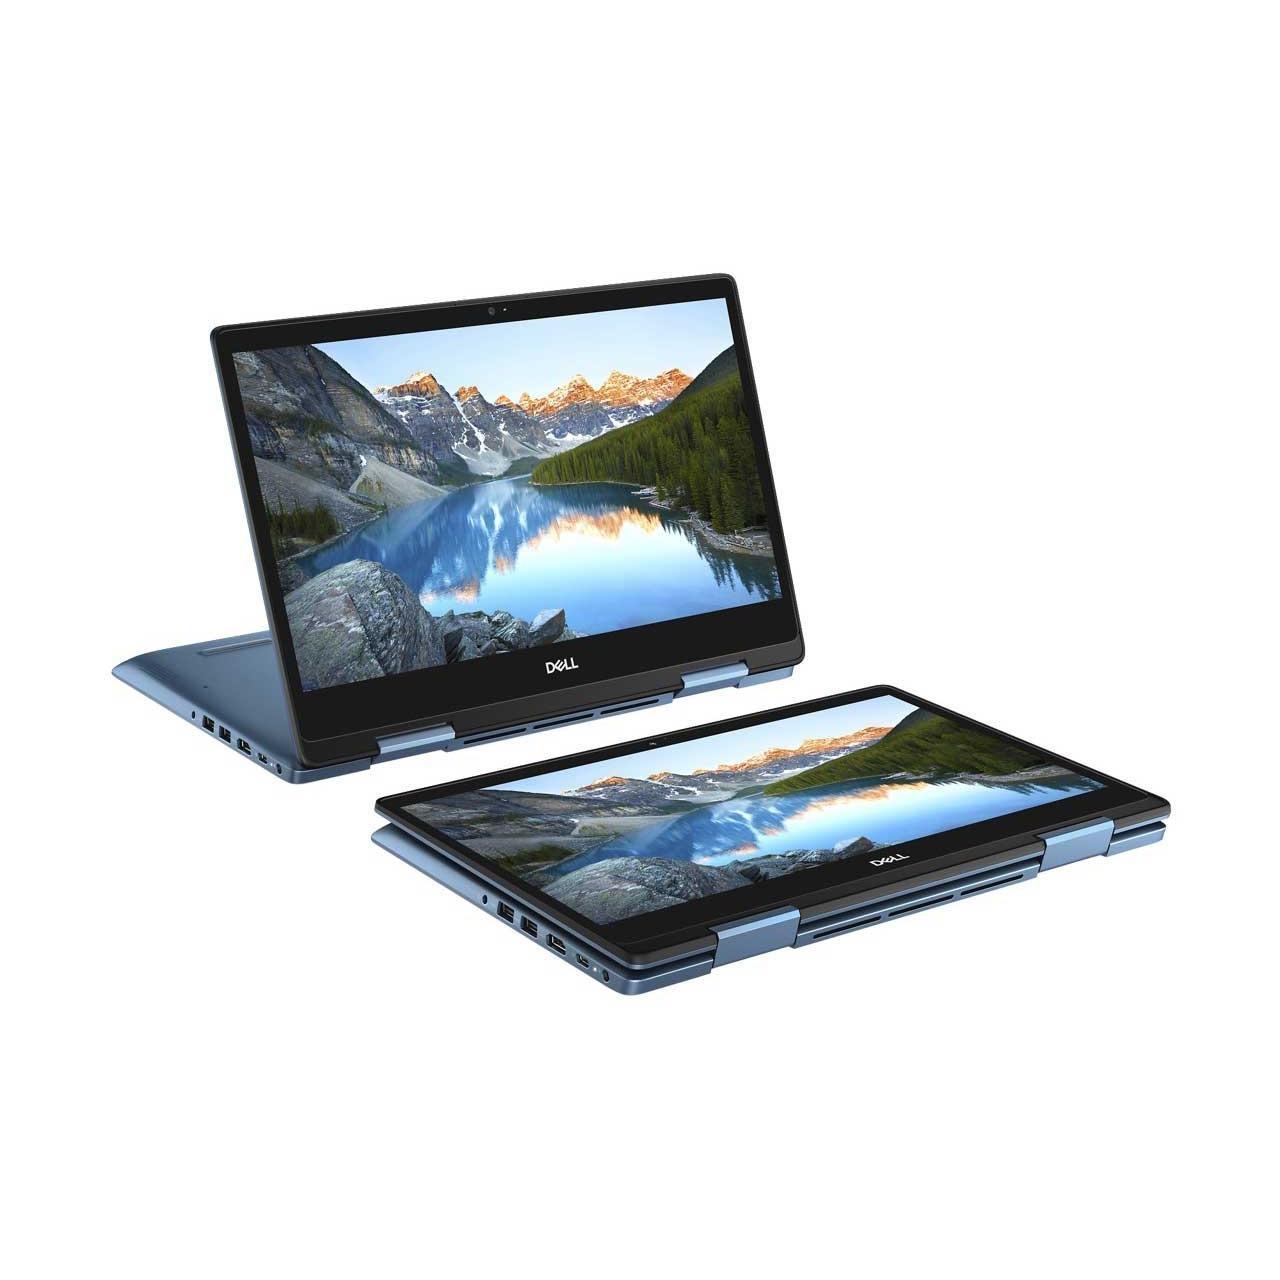 Dell Inspiron 5485 14-inch (2019) - Ryzen 7 3700U - 8 GB  - SSD 512 GB